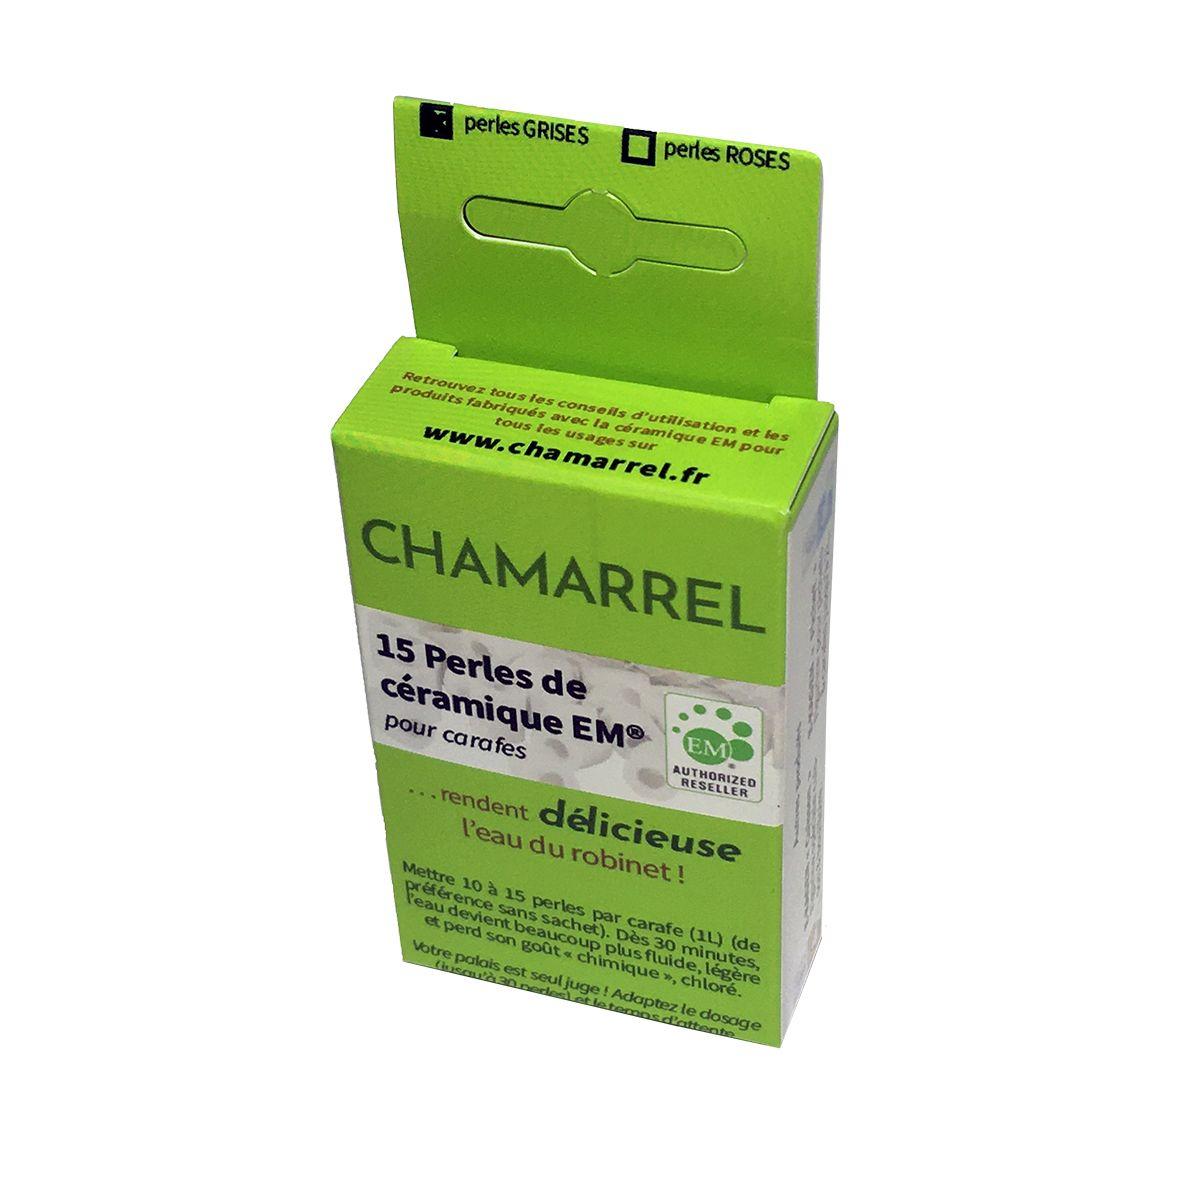 15 perles de céramique EM spécial carafe - Chamarrel